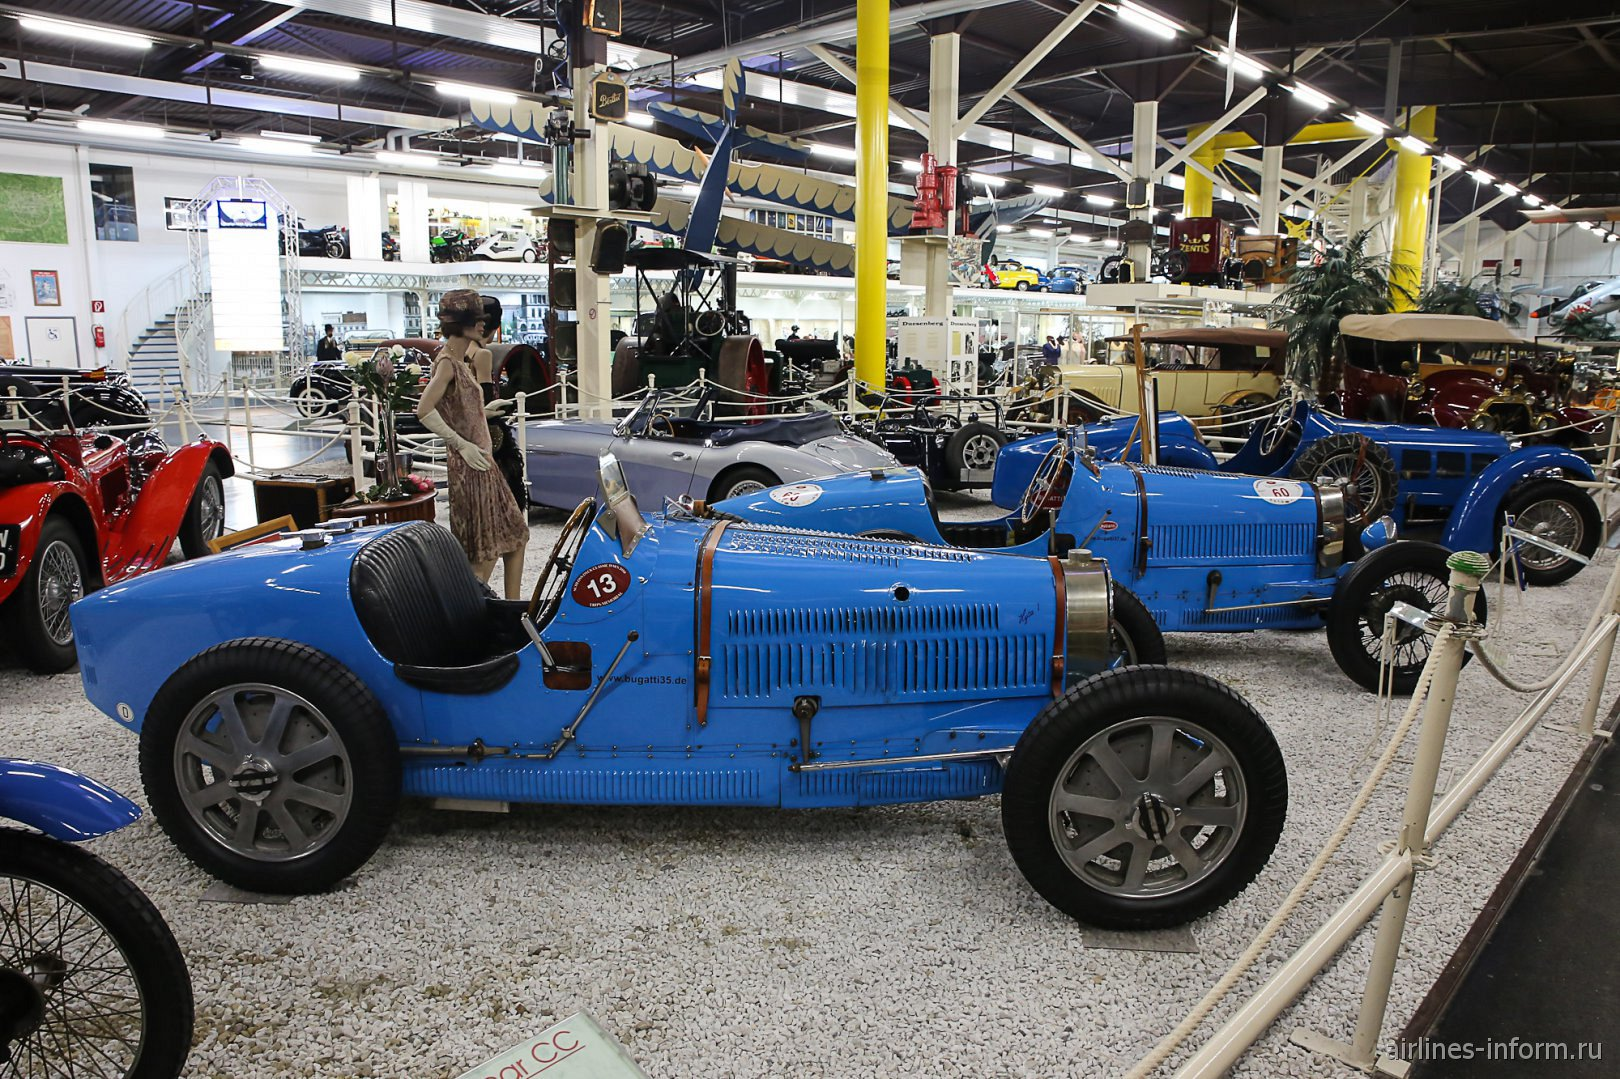 Автомобили Бугатти в музее техники в Зинсхайме